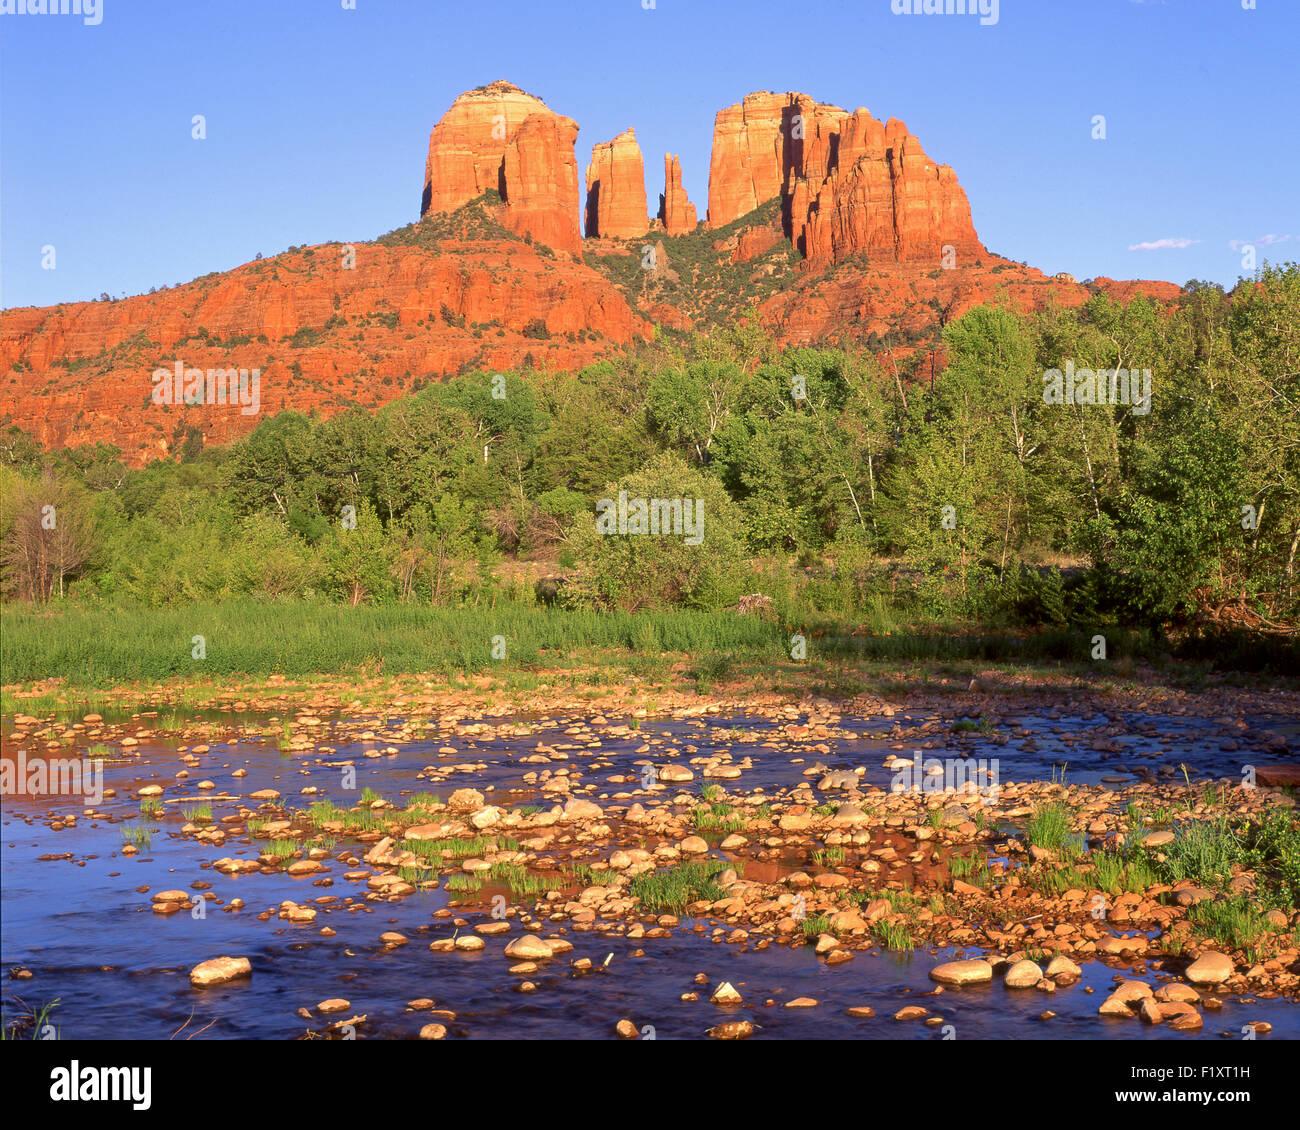 Sedona, Arizona - Stock Image